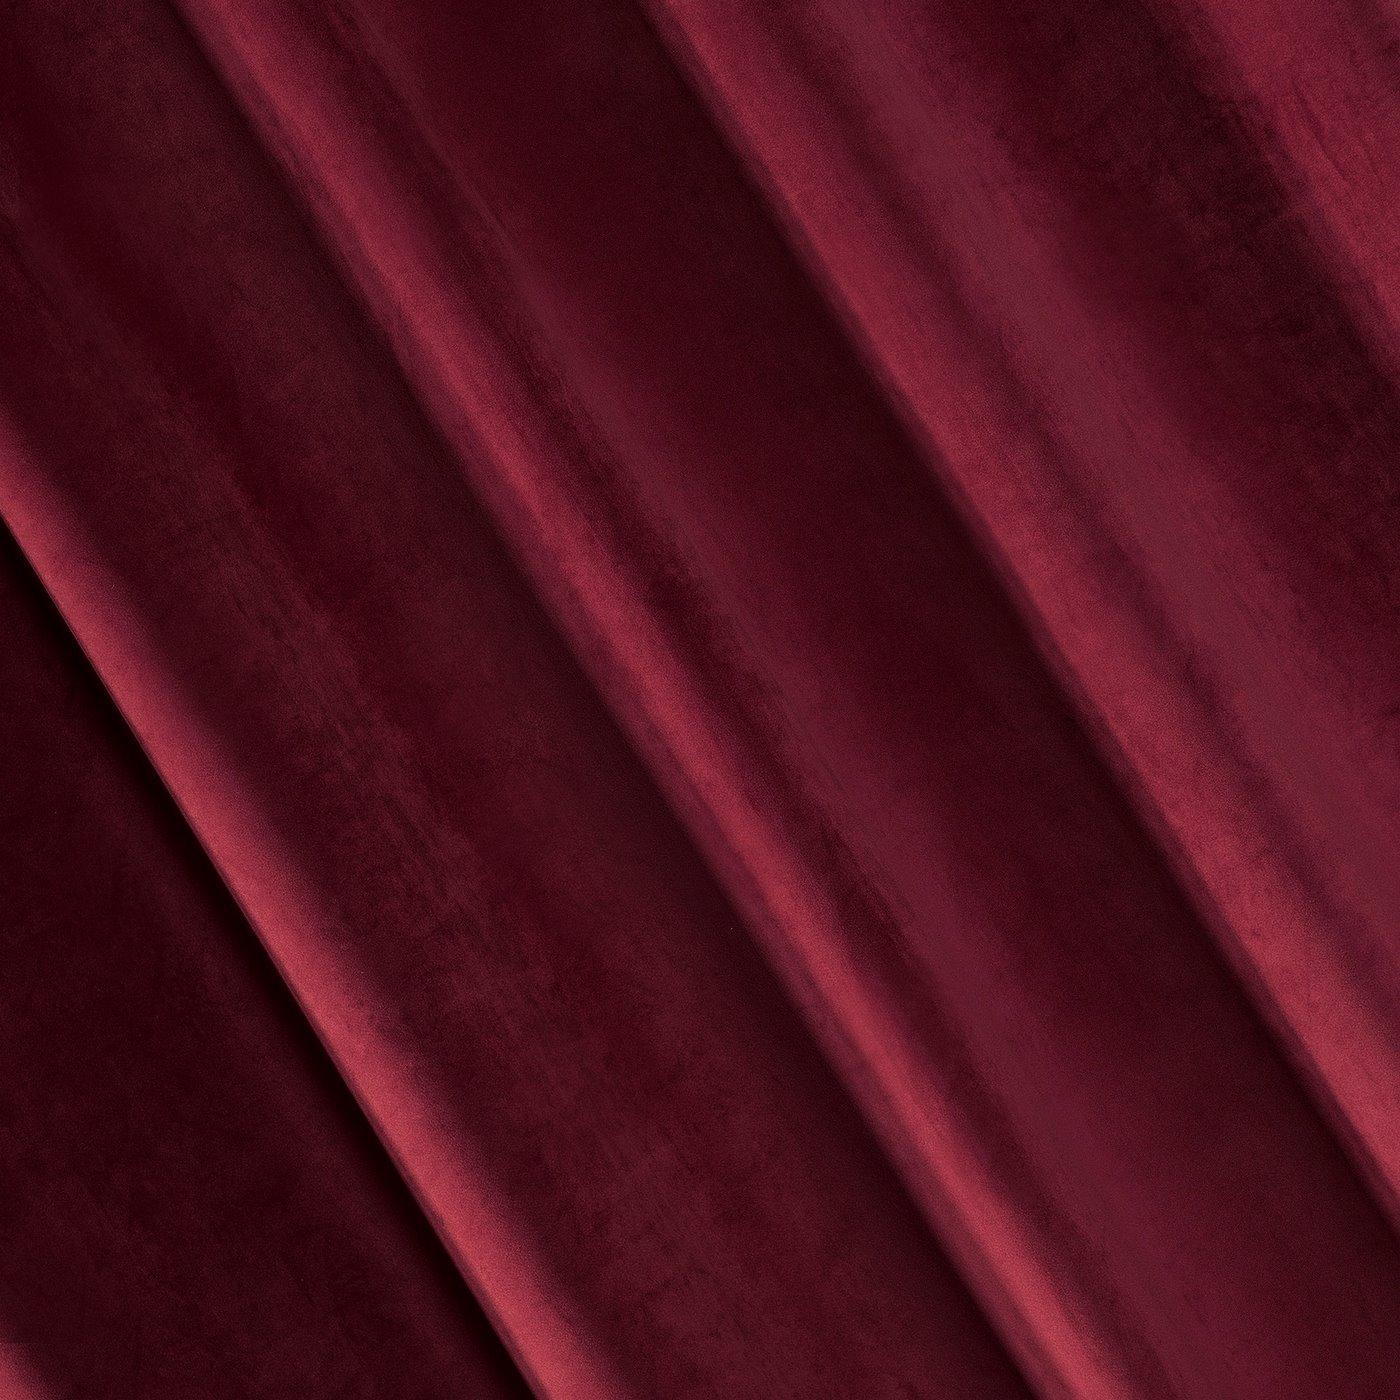 Zasłona welwetowa bordowa 140x250 cm - 10 przelotek